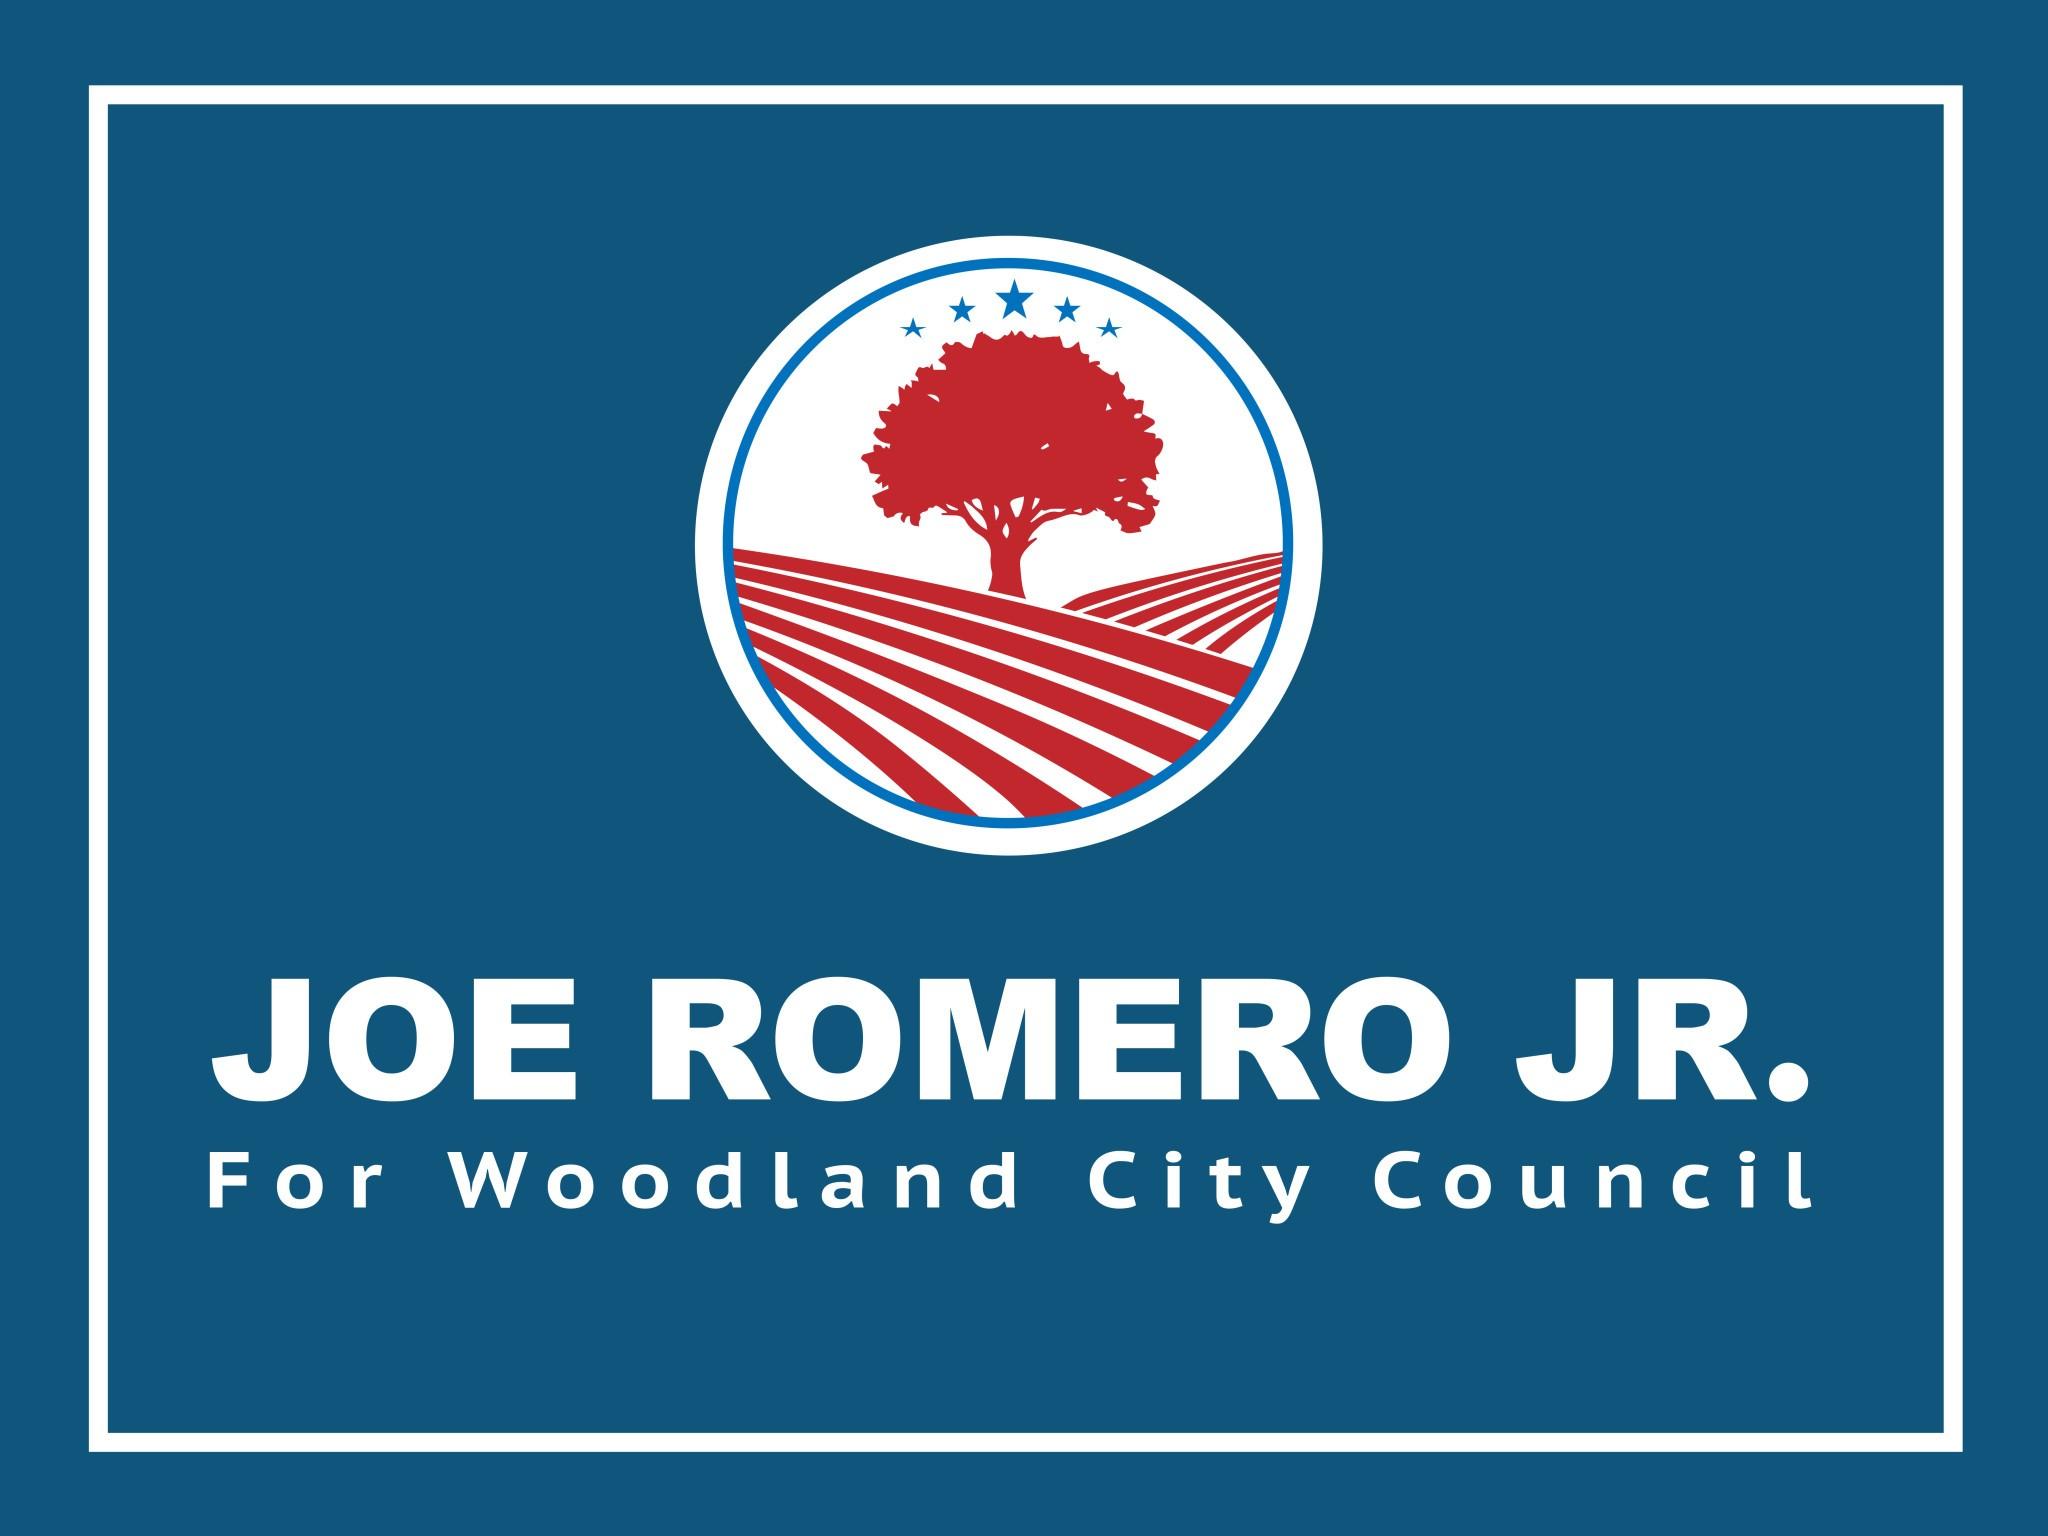 18×24 JOE ROMERO